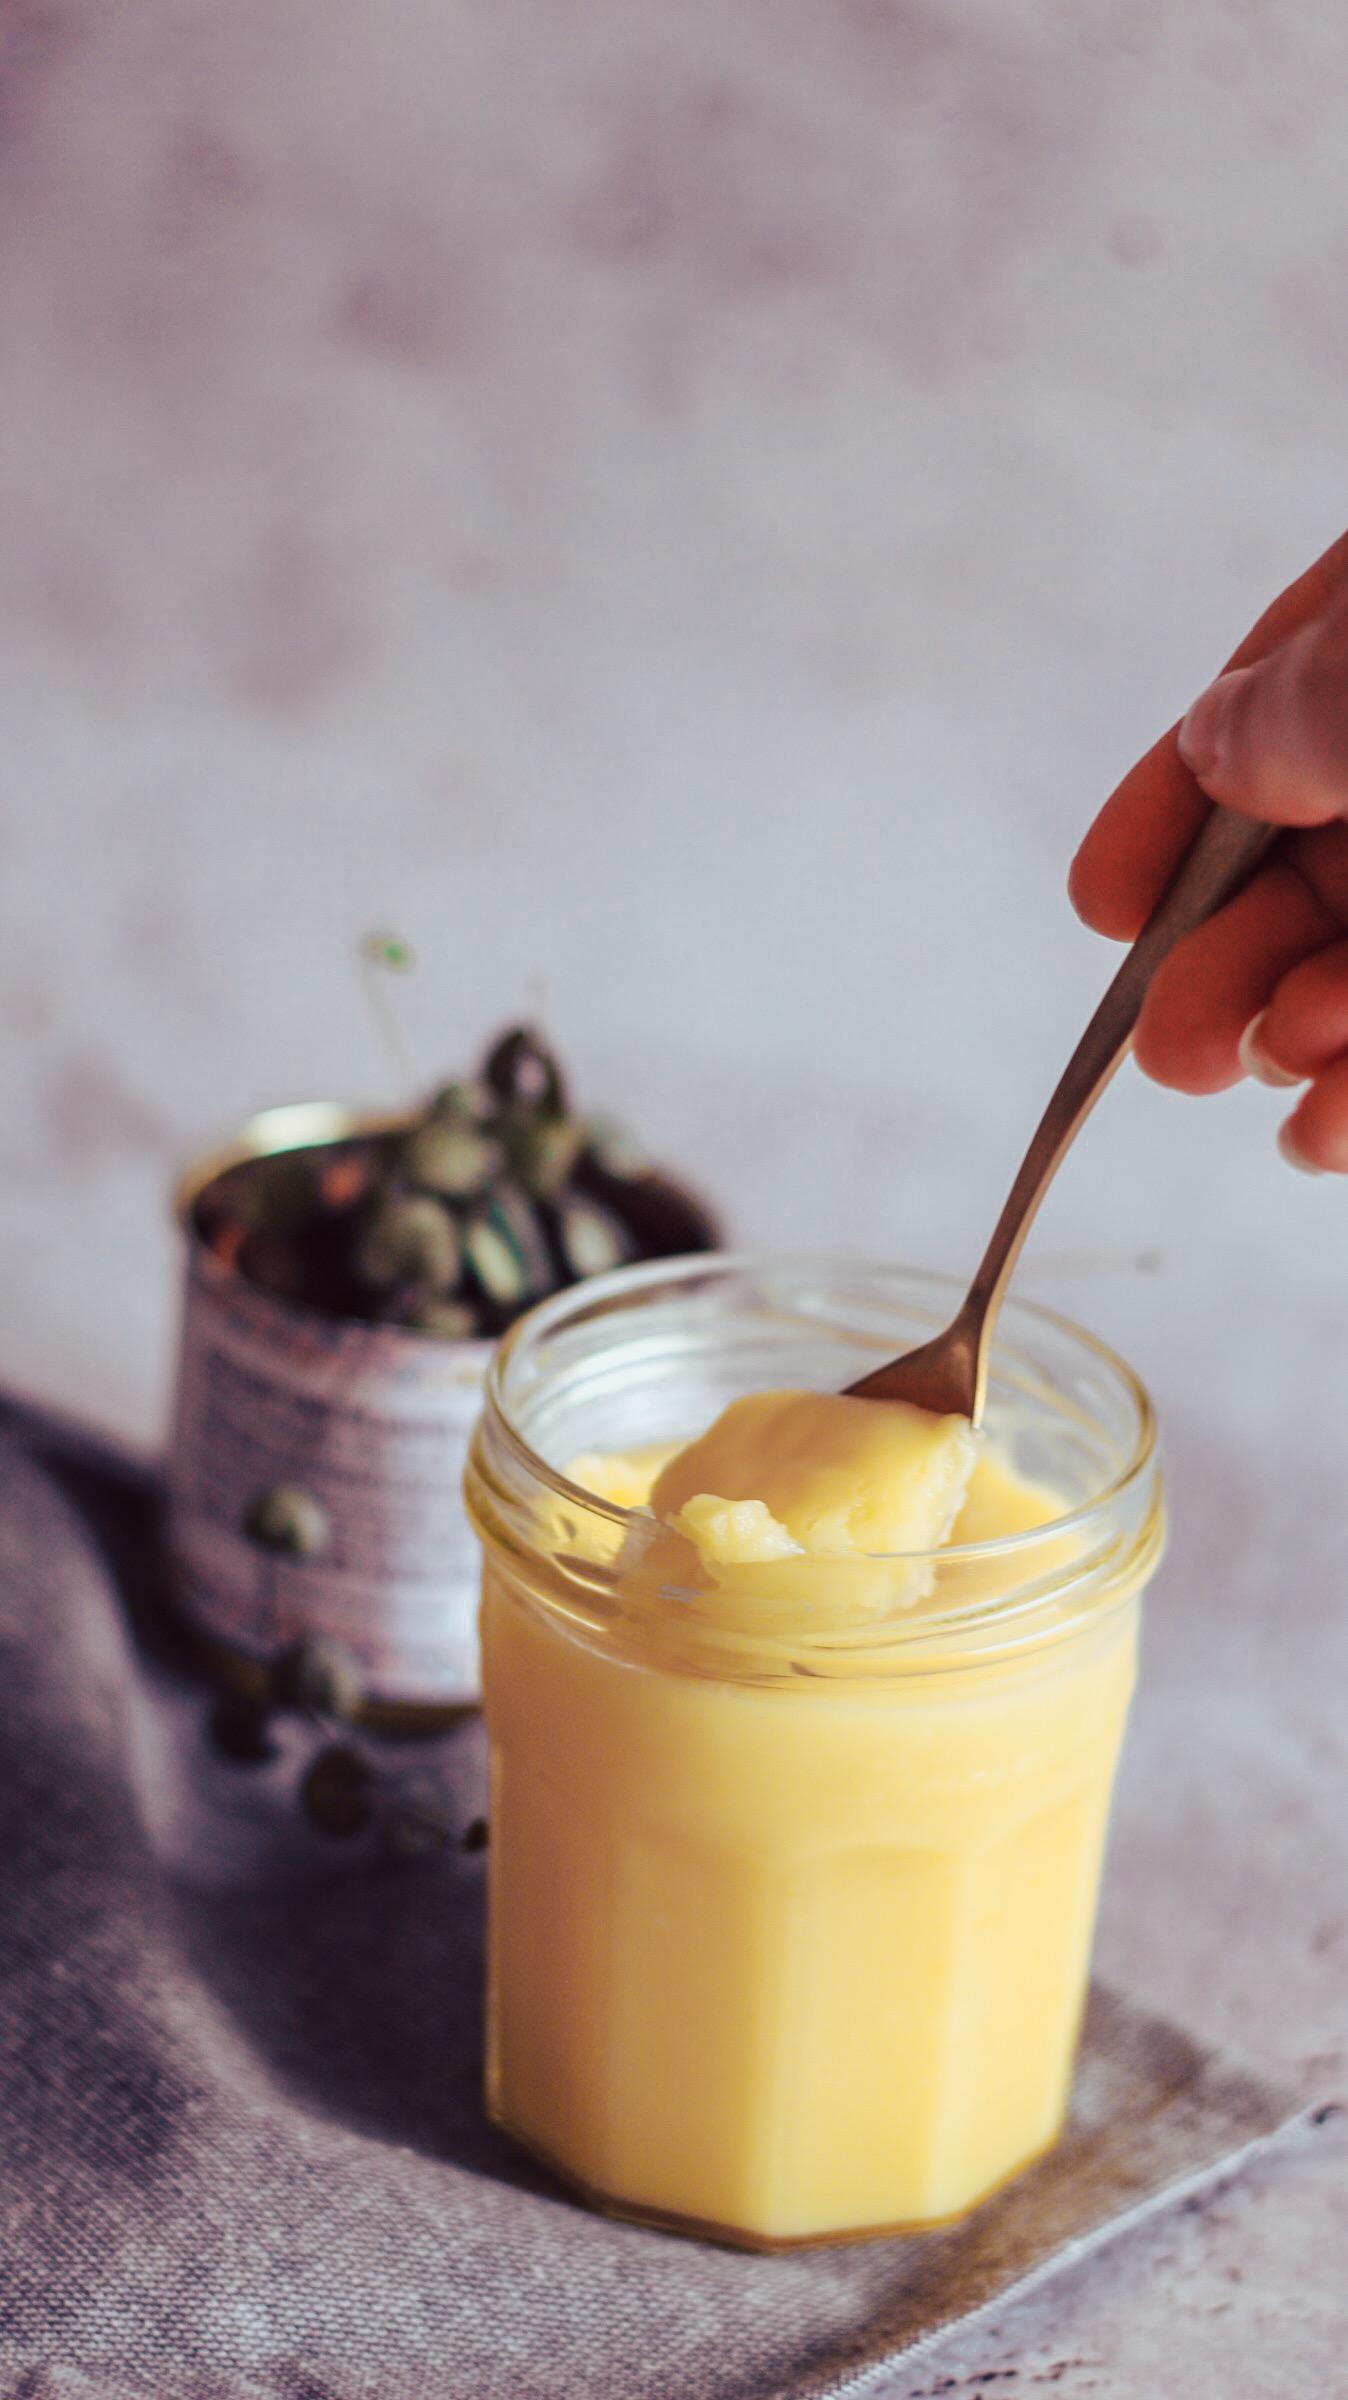 Cette crème au citron va vous séduire, elle s'utilise de multiples façons, en intégration dans vos recettes de gâteau, de tarte, avec vos pancakes, sur votre tranche de pain du petit déjeuner.